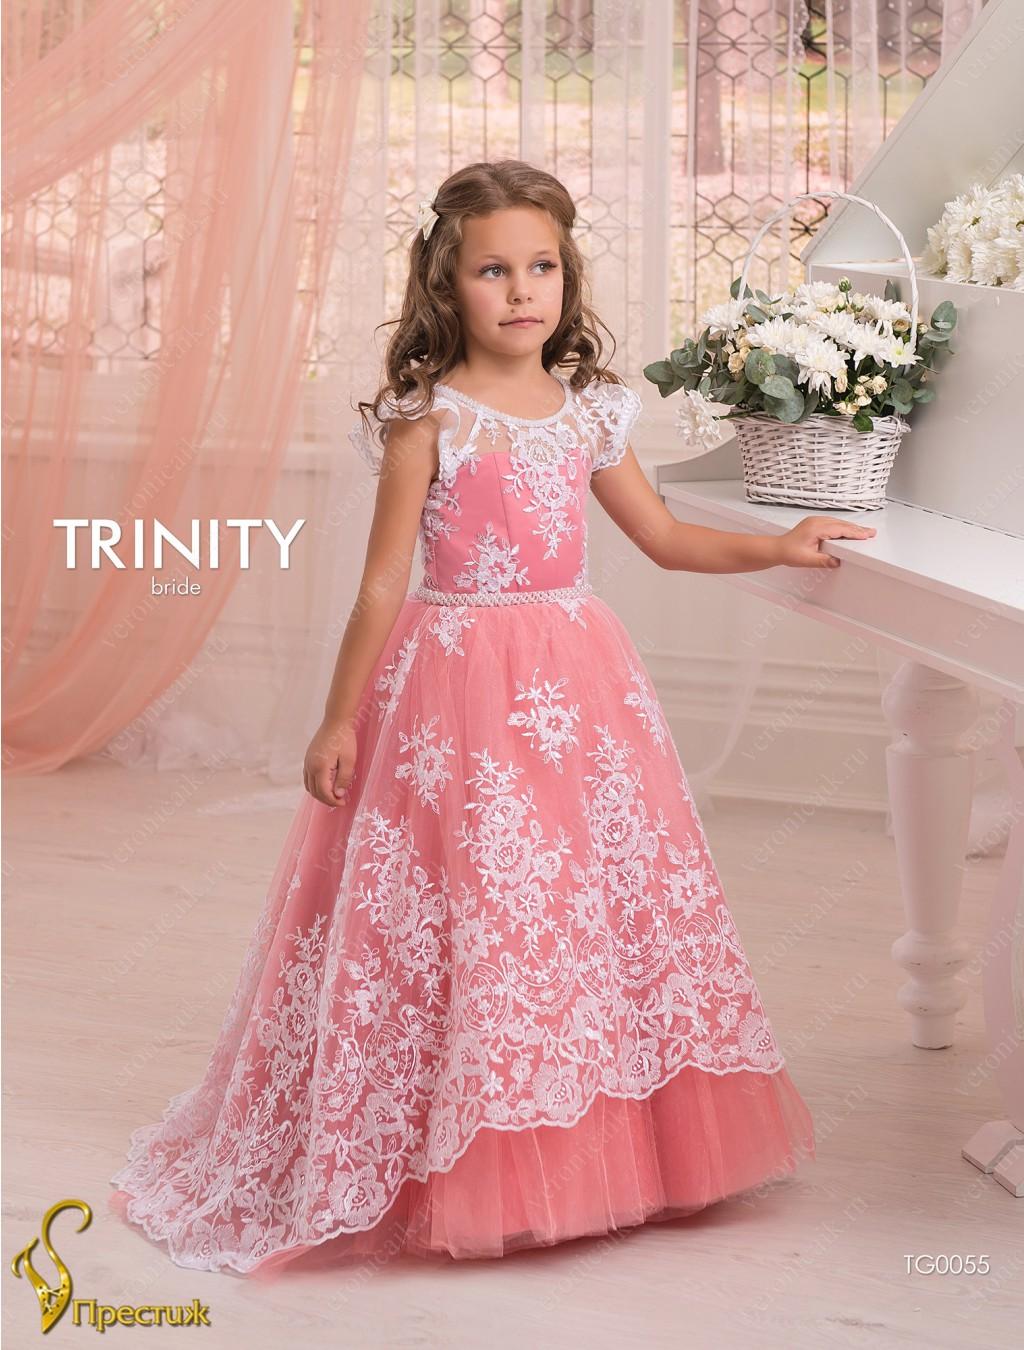 Сбор заказов. Распродажа. Праздничные, красивые платьица для ваших принцесс VeronicaiK - 45. В гостях у сказки